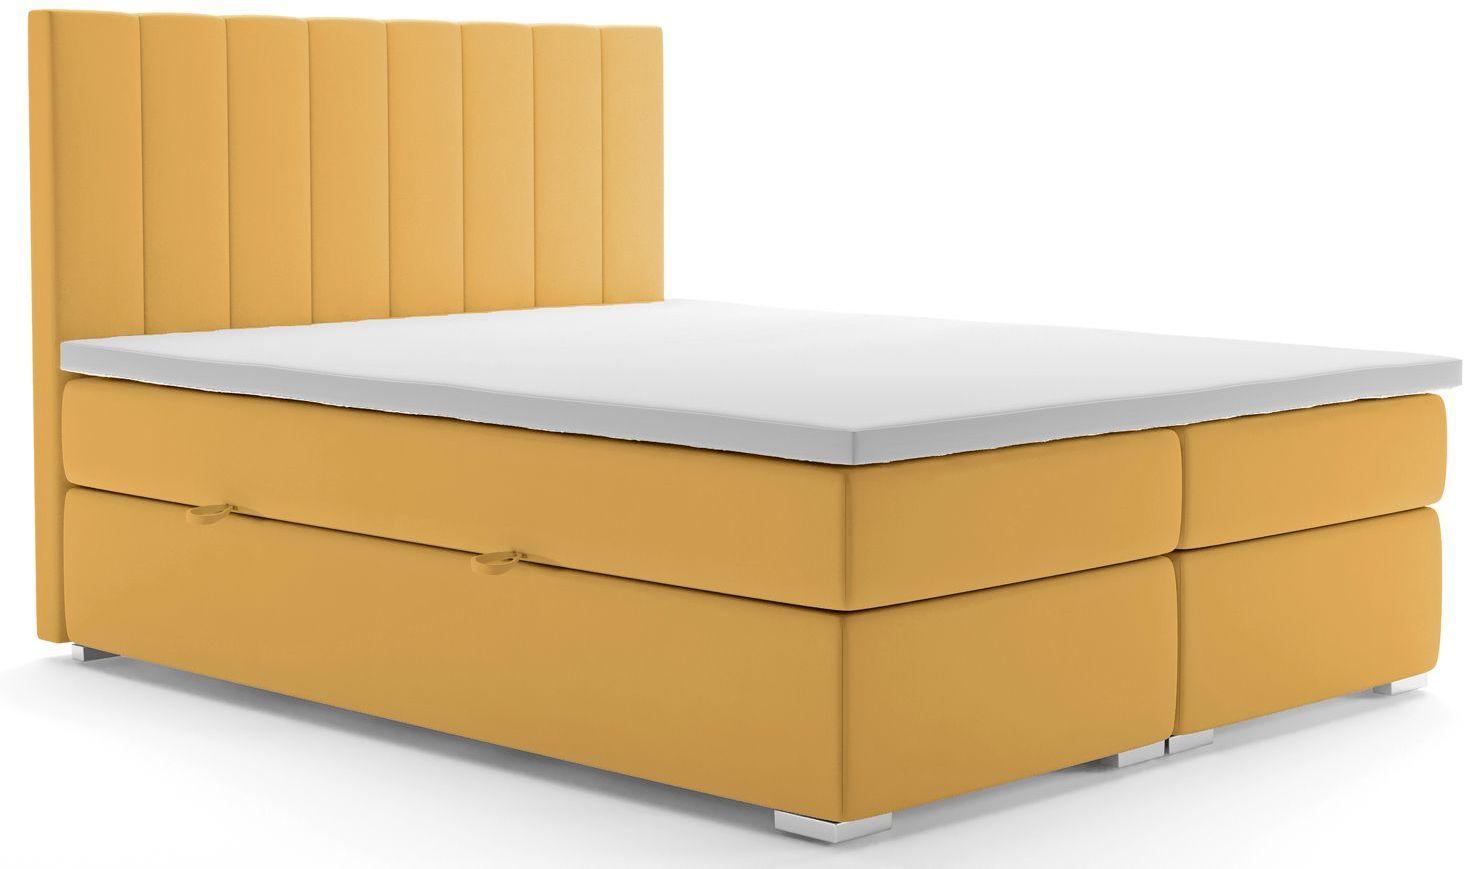 Dwuosobowe łóżko hotelowe Kongo 160x200 - 58 kolorów